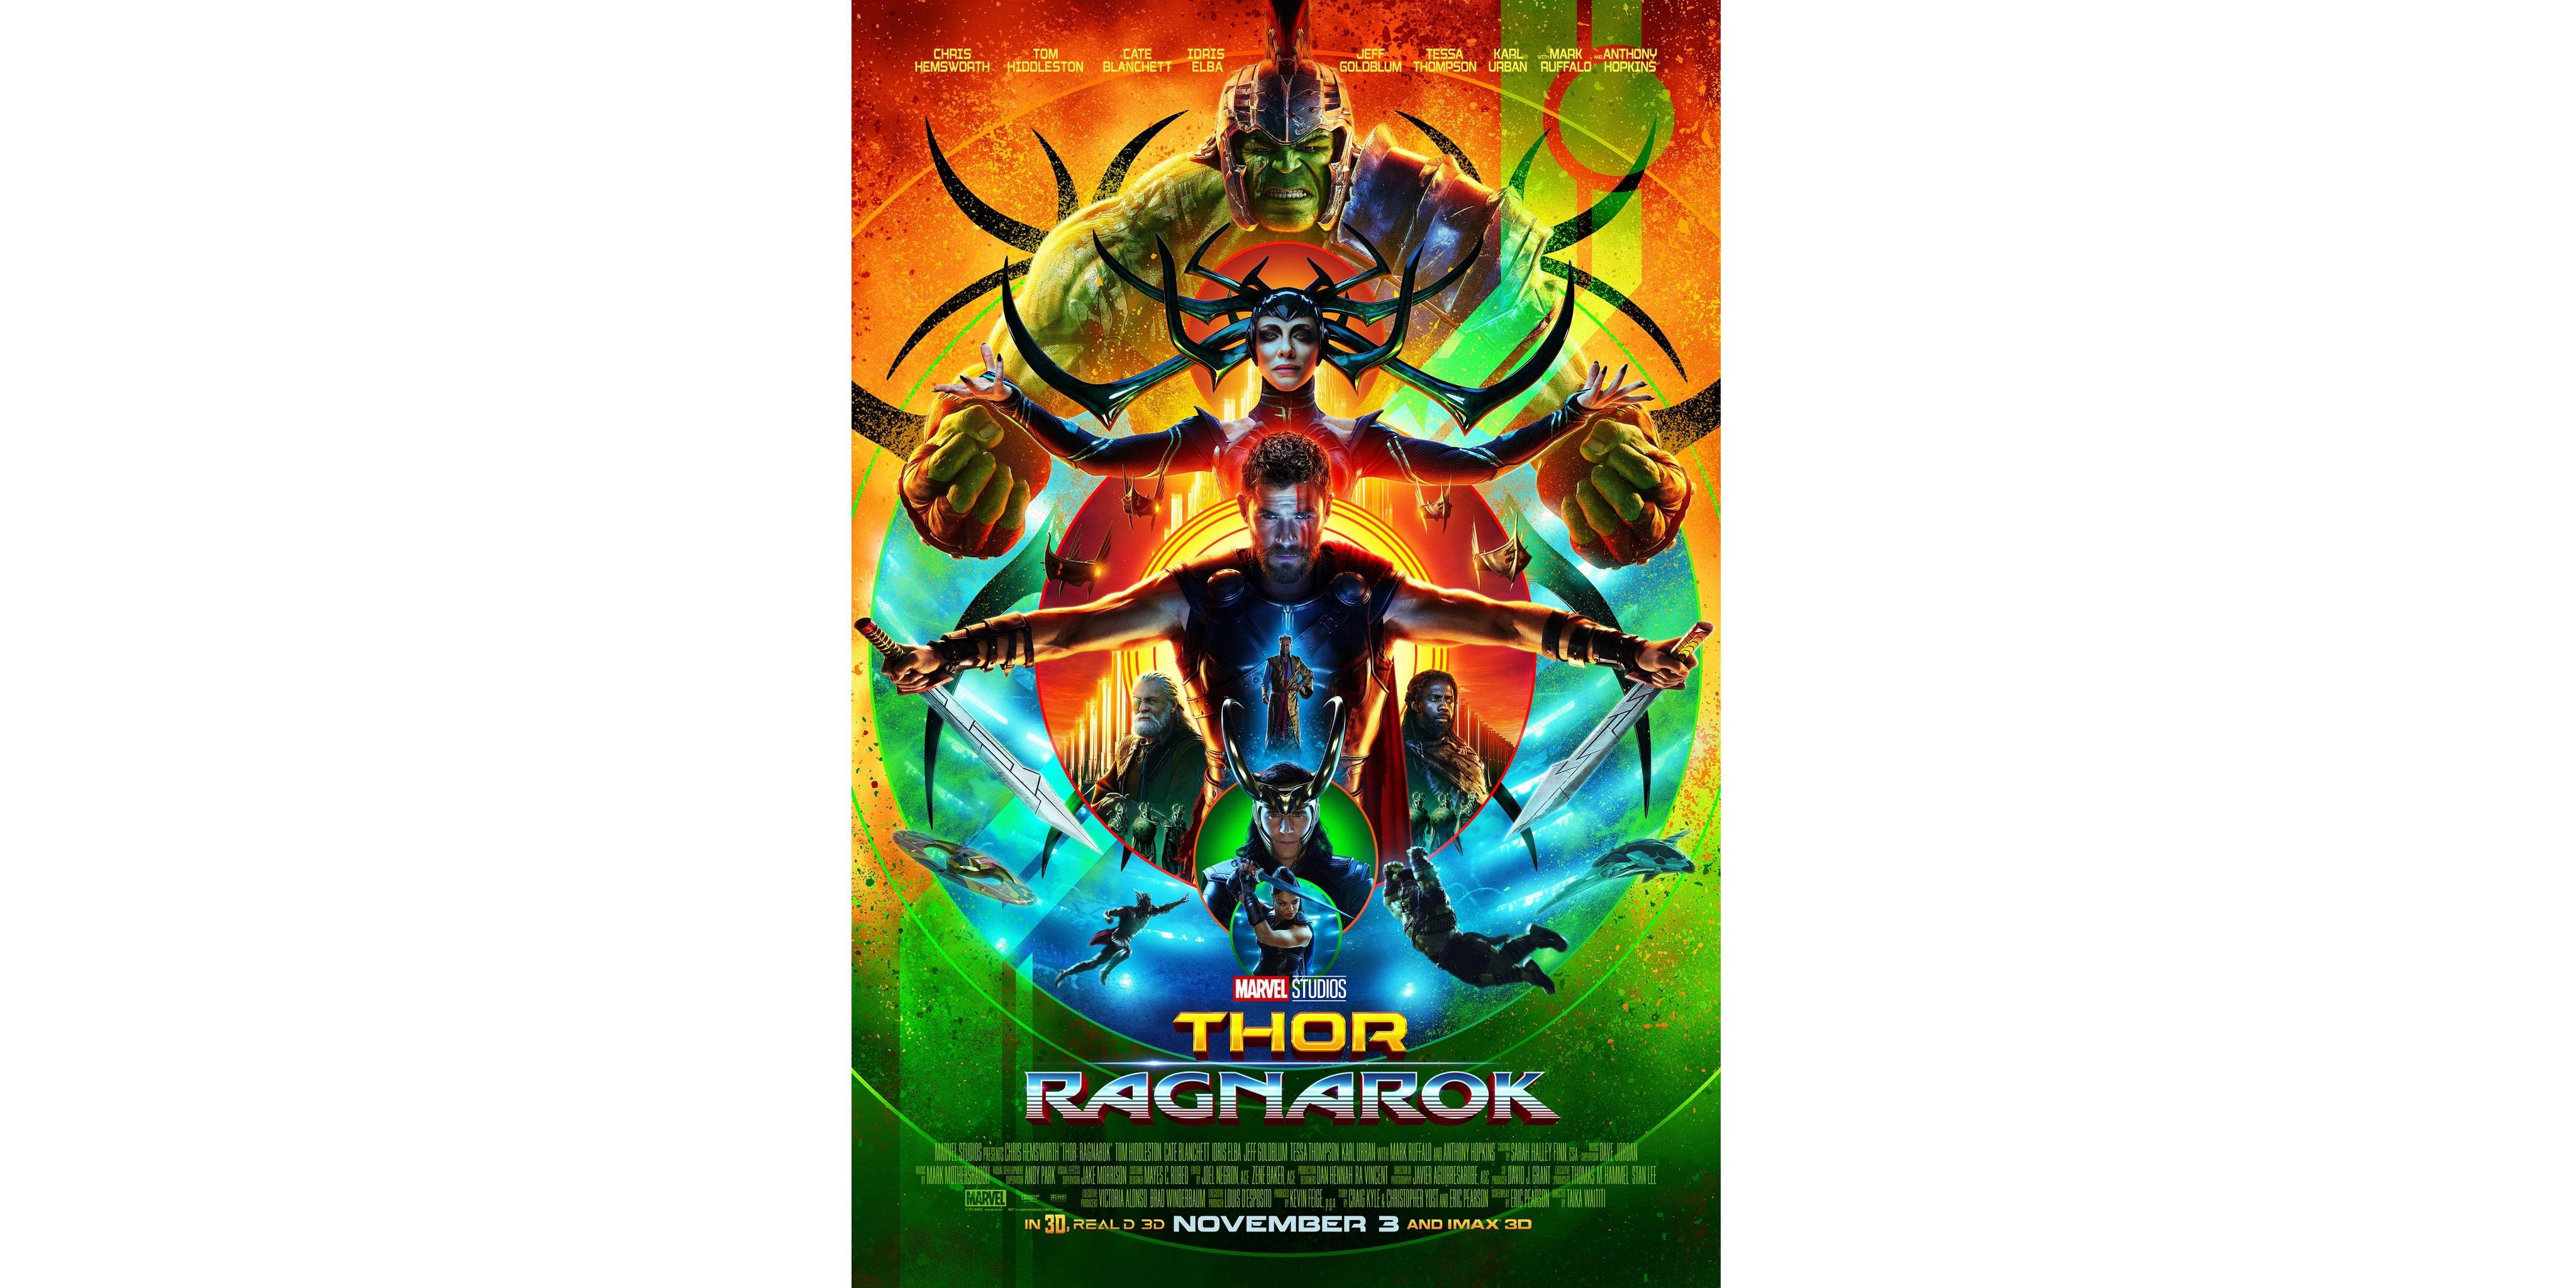 31.10.2017 / Kulüp İçi Sinema Organizasyonu [Thor Ragnarok]